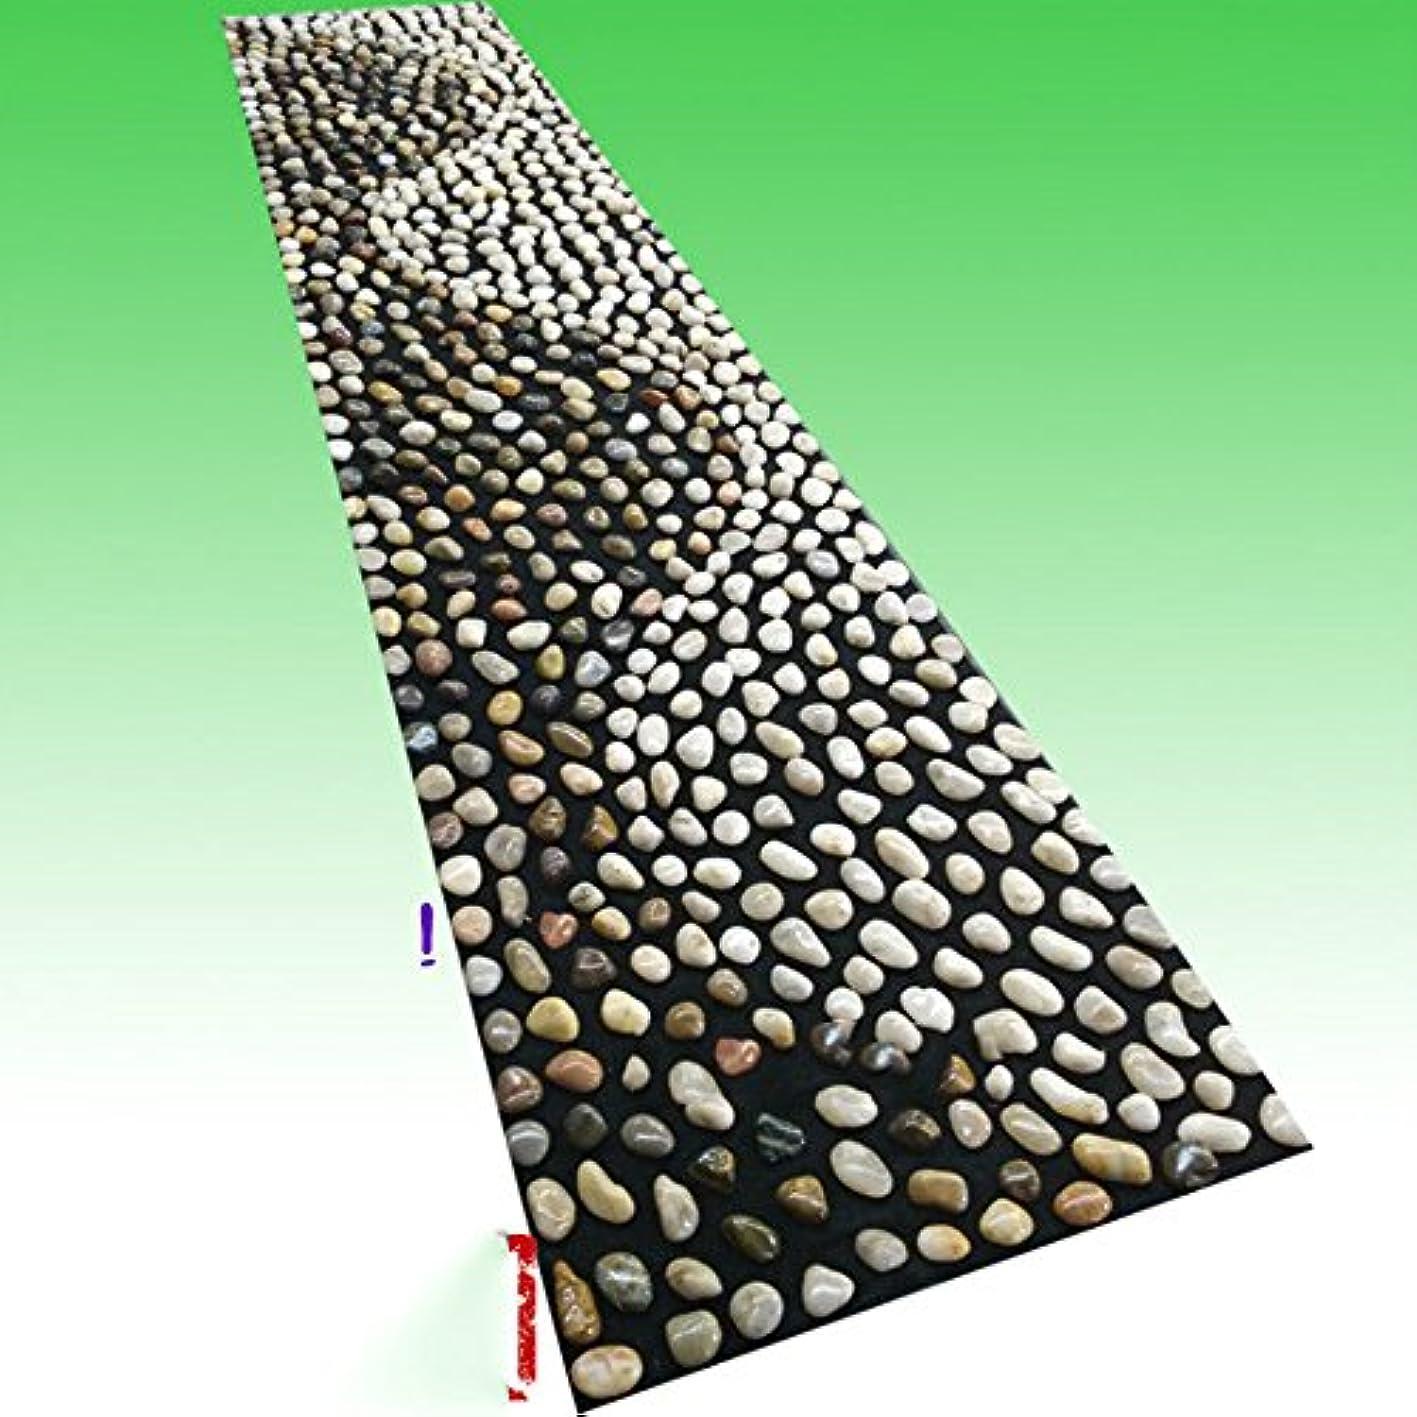 エゴイズムレンダリング石の足つぼ マット マッサージシート マッサージ 足裏 健康 ツボ刺激 折りたたみ ウォーキングマット 足裏マット 本物の健康 フットマッサージ 足のマッサージパッド 模造石畳の歩道